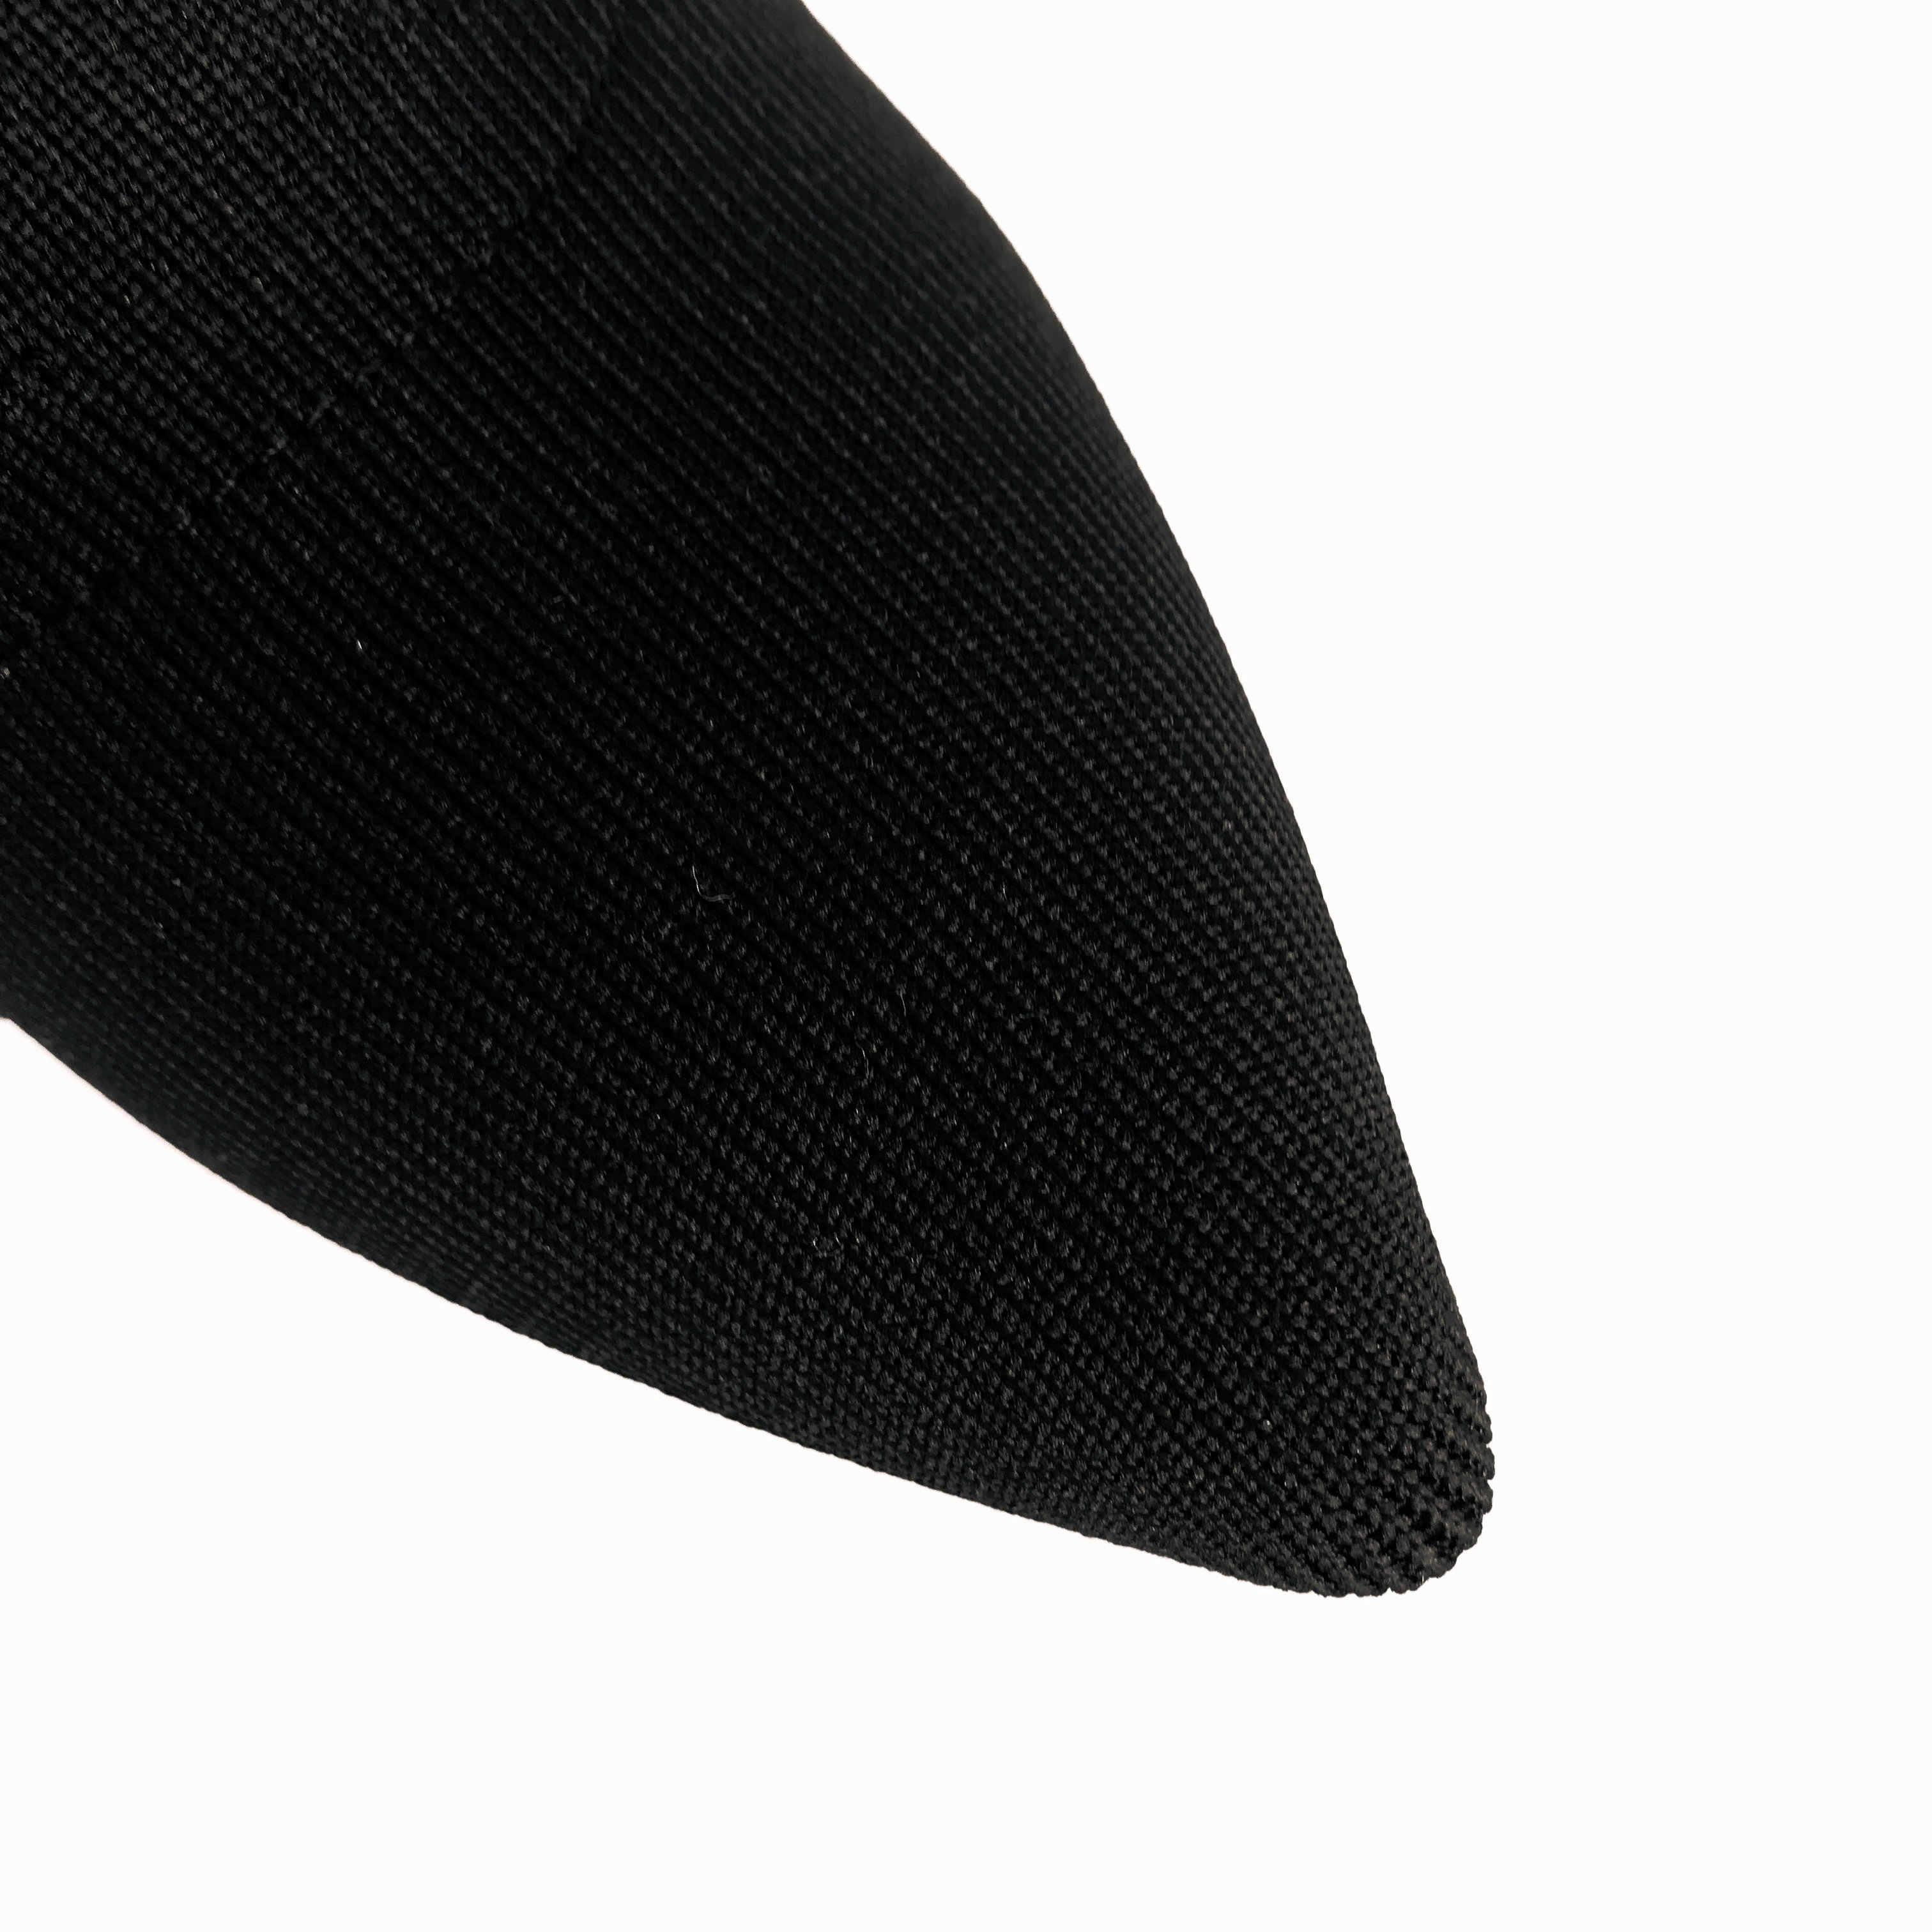 Seksi yüksek topuk streç çorap çizmeler yarım çizmeler kadınlar için sonbahar yaz çizmeler sivri burun topuklu bayan botları siyah 2019 yeni ayakkabı